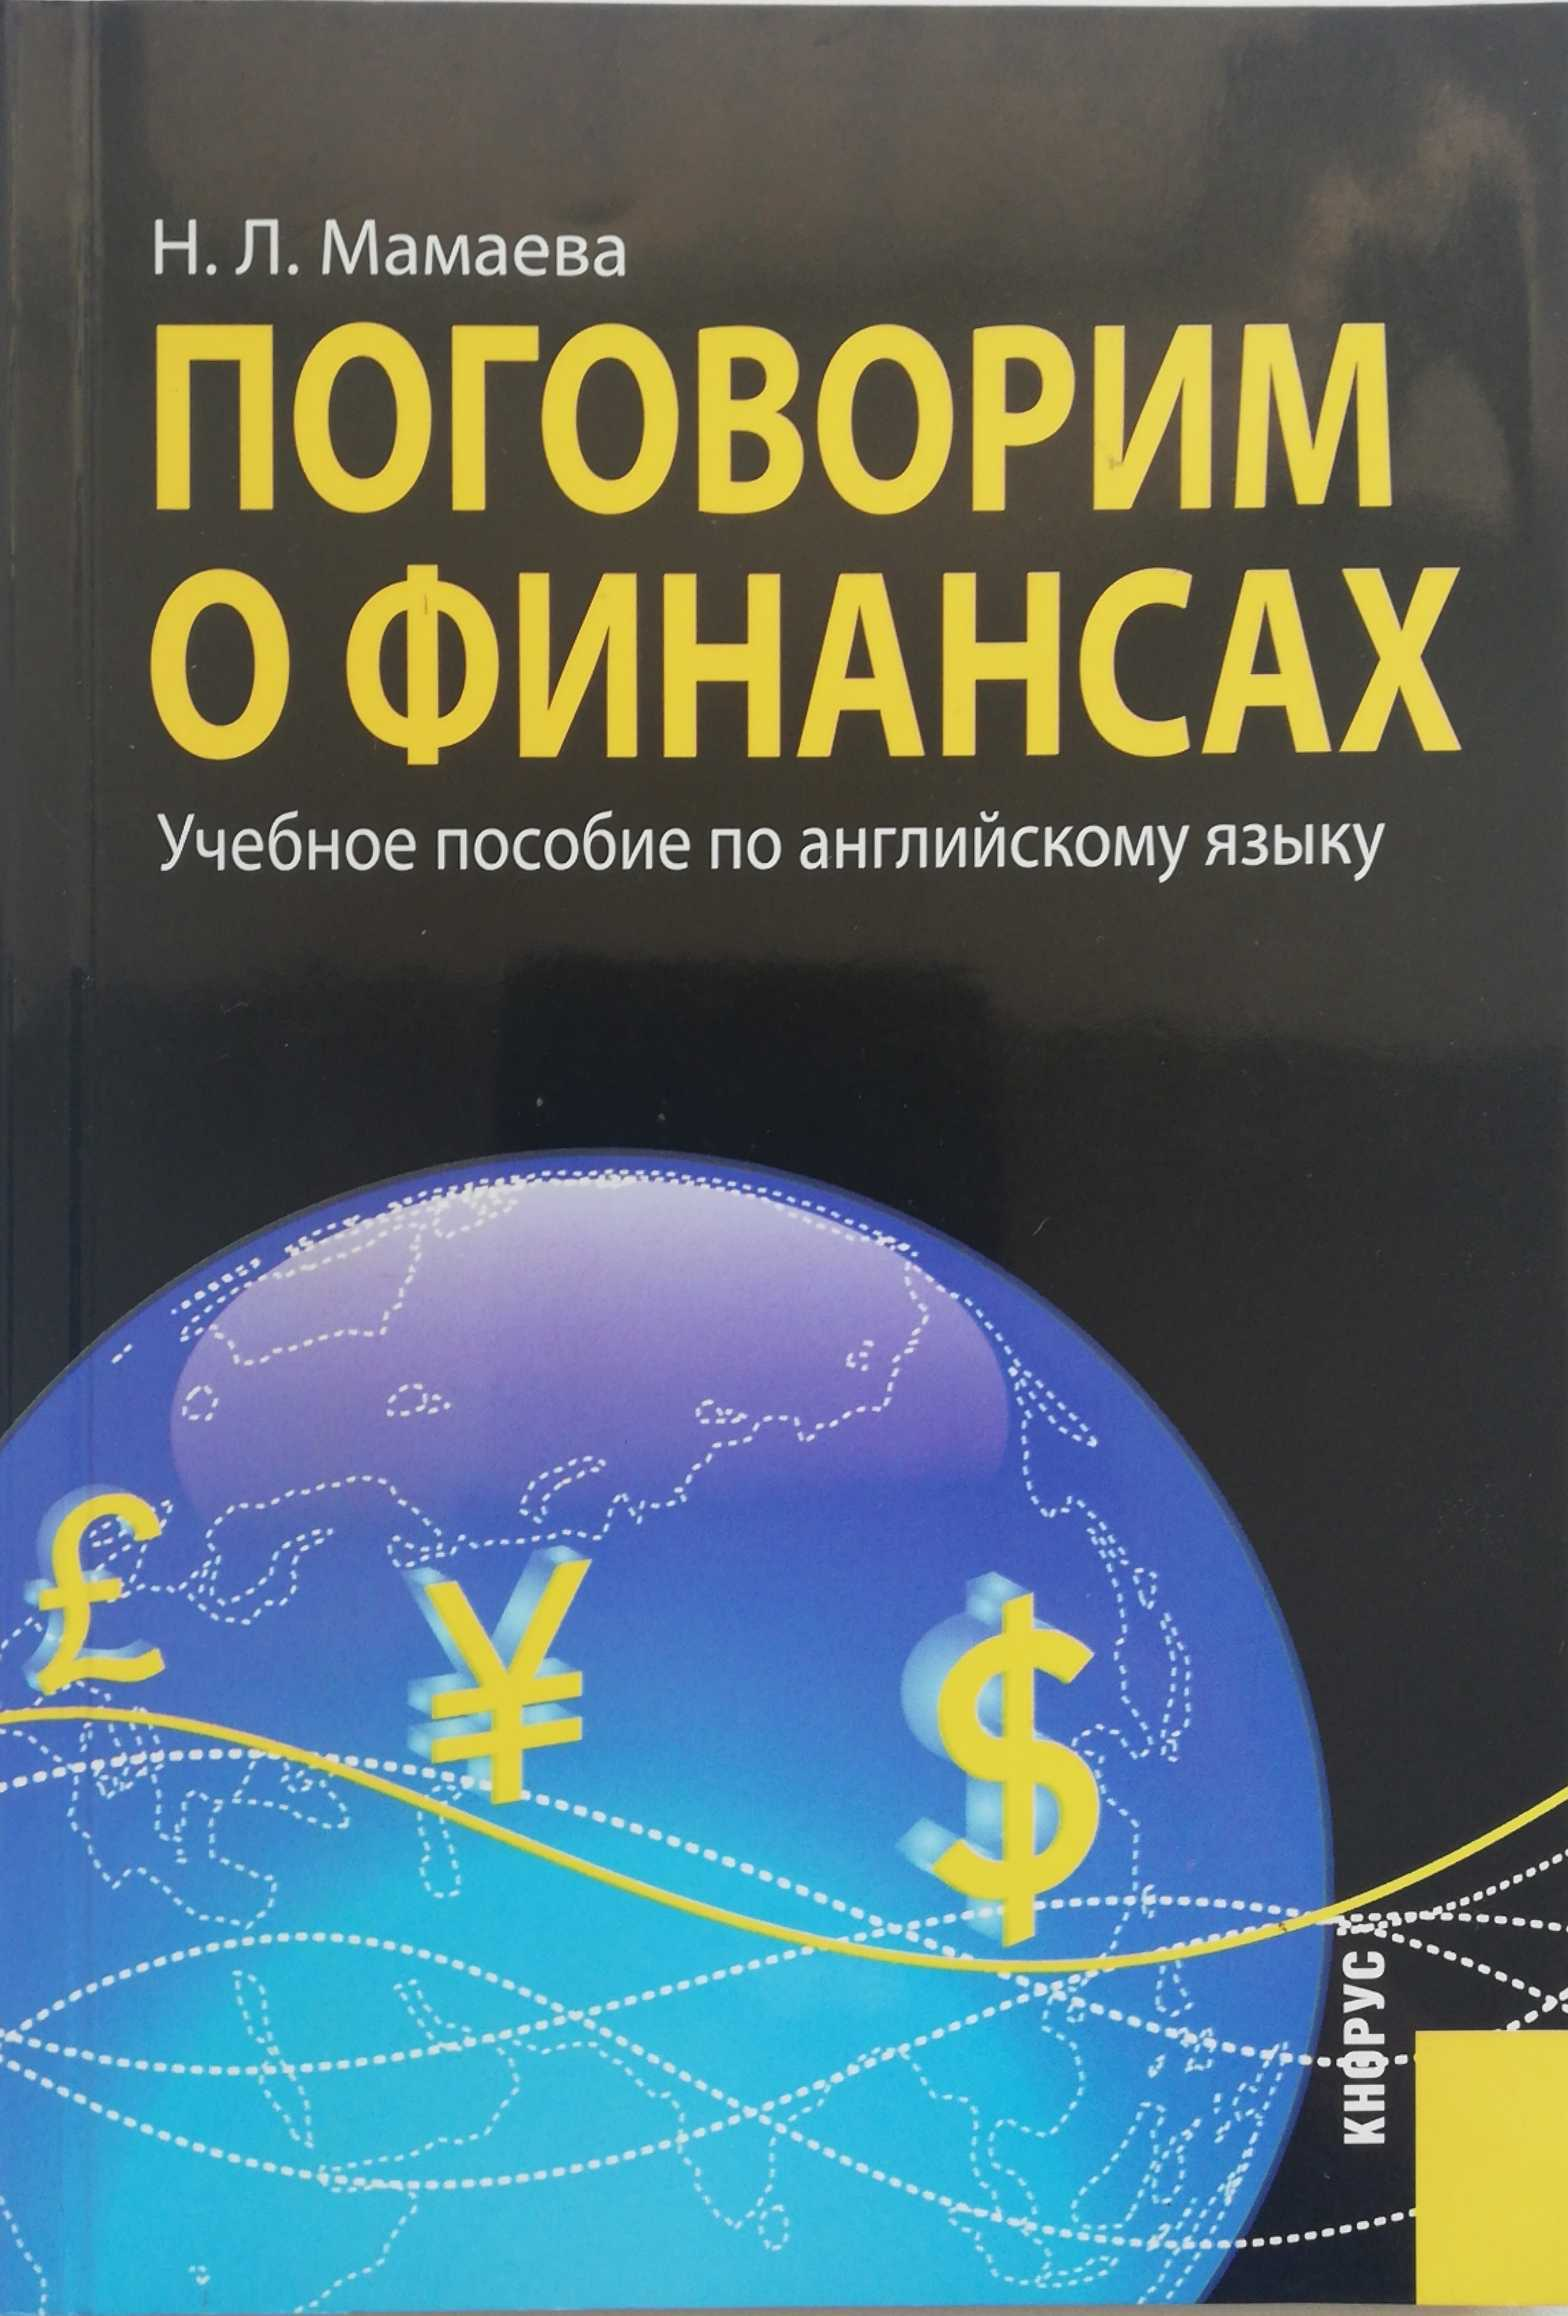 Наталья Мамаева. Поговорим о финансах. Учебное пособие по английскому языку